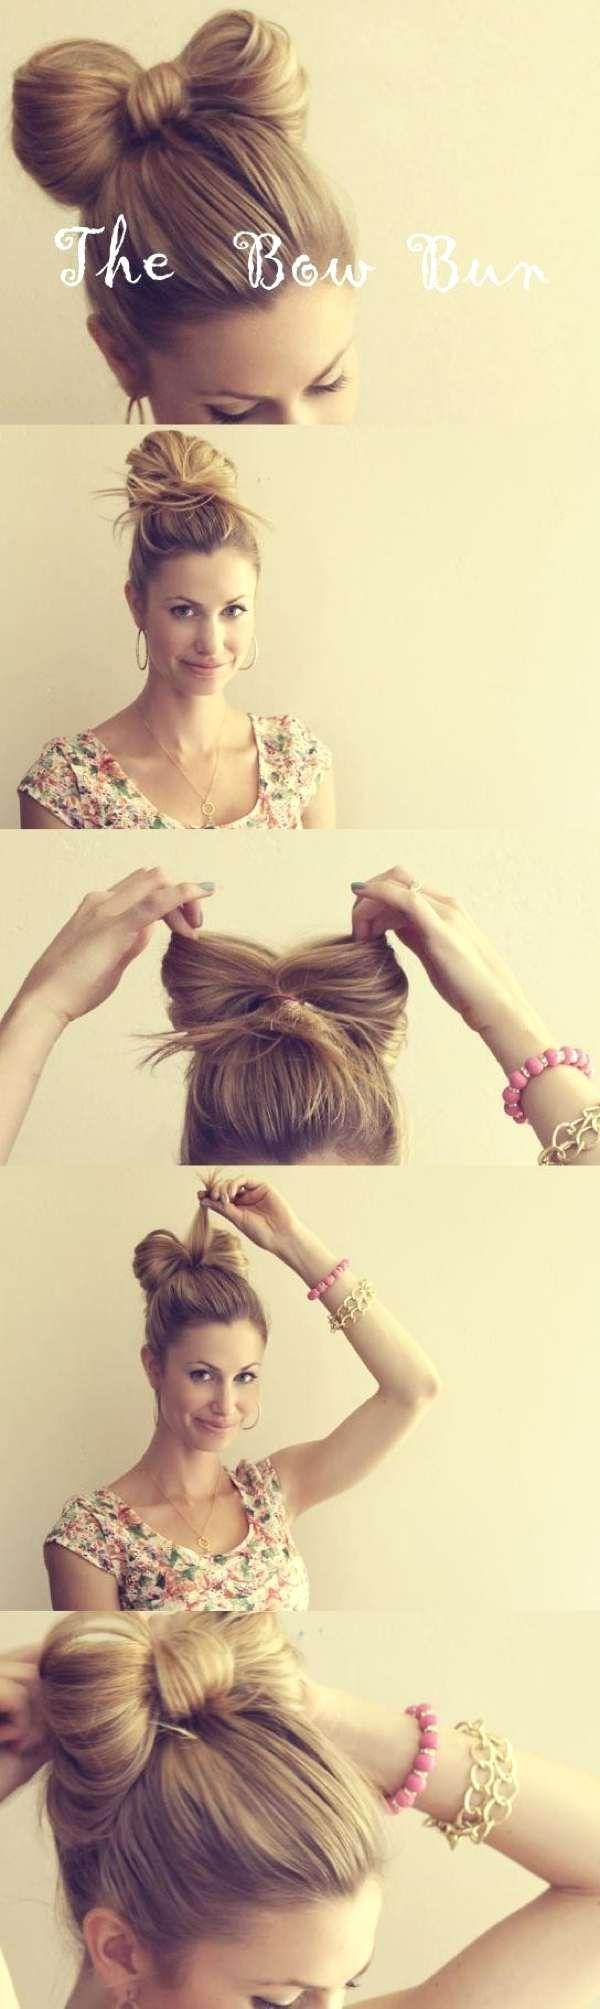 Derfrisuren.top Hair Style Ideas- The Hair Bow style ideas Hair Bow